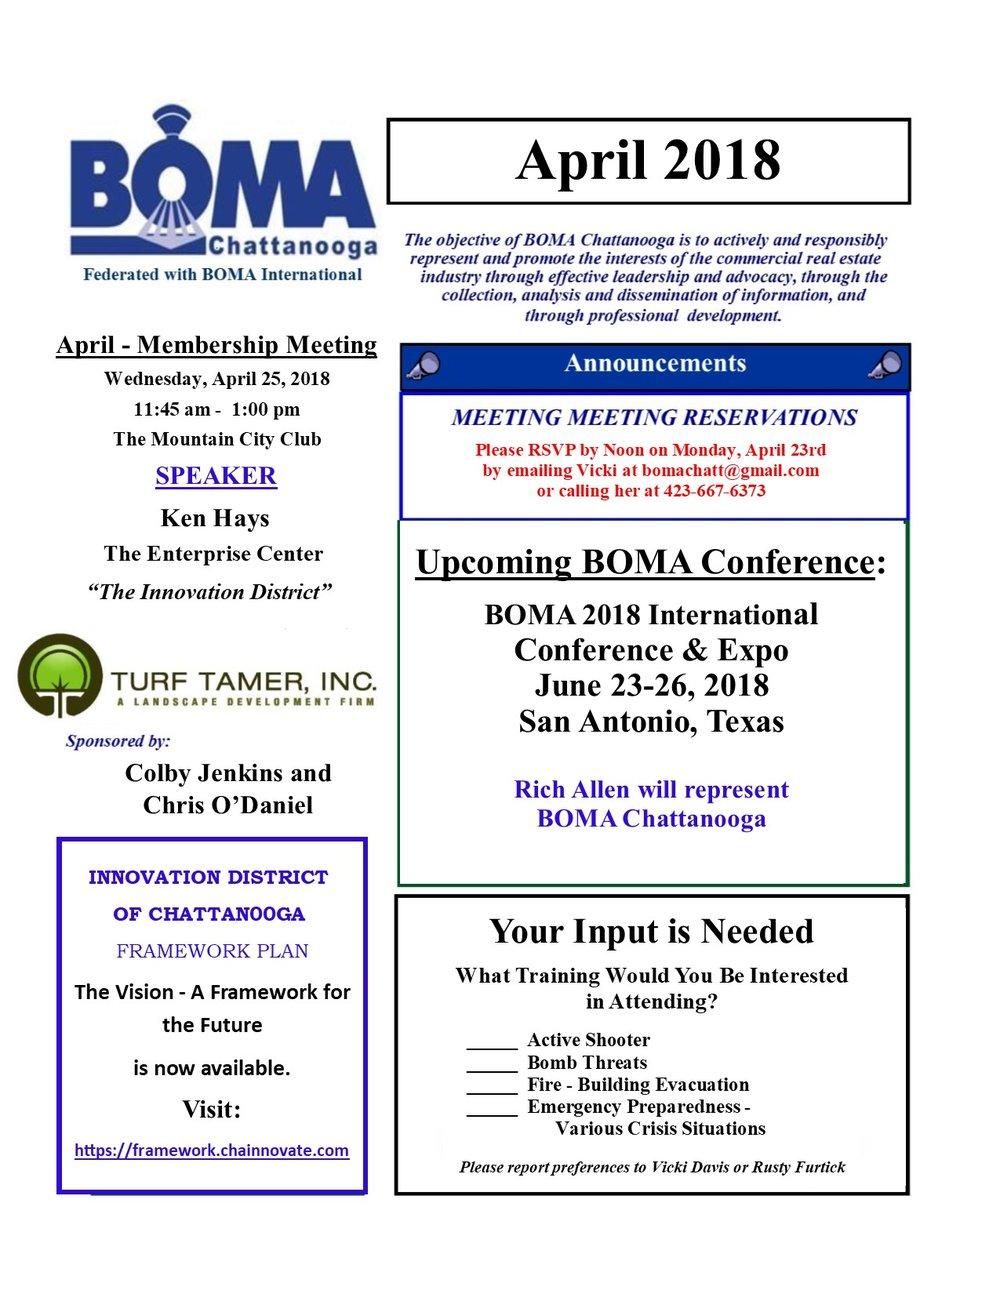 April 2018 Newsletter.jpg